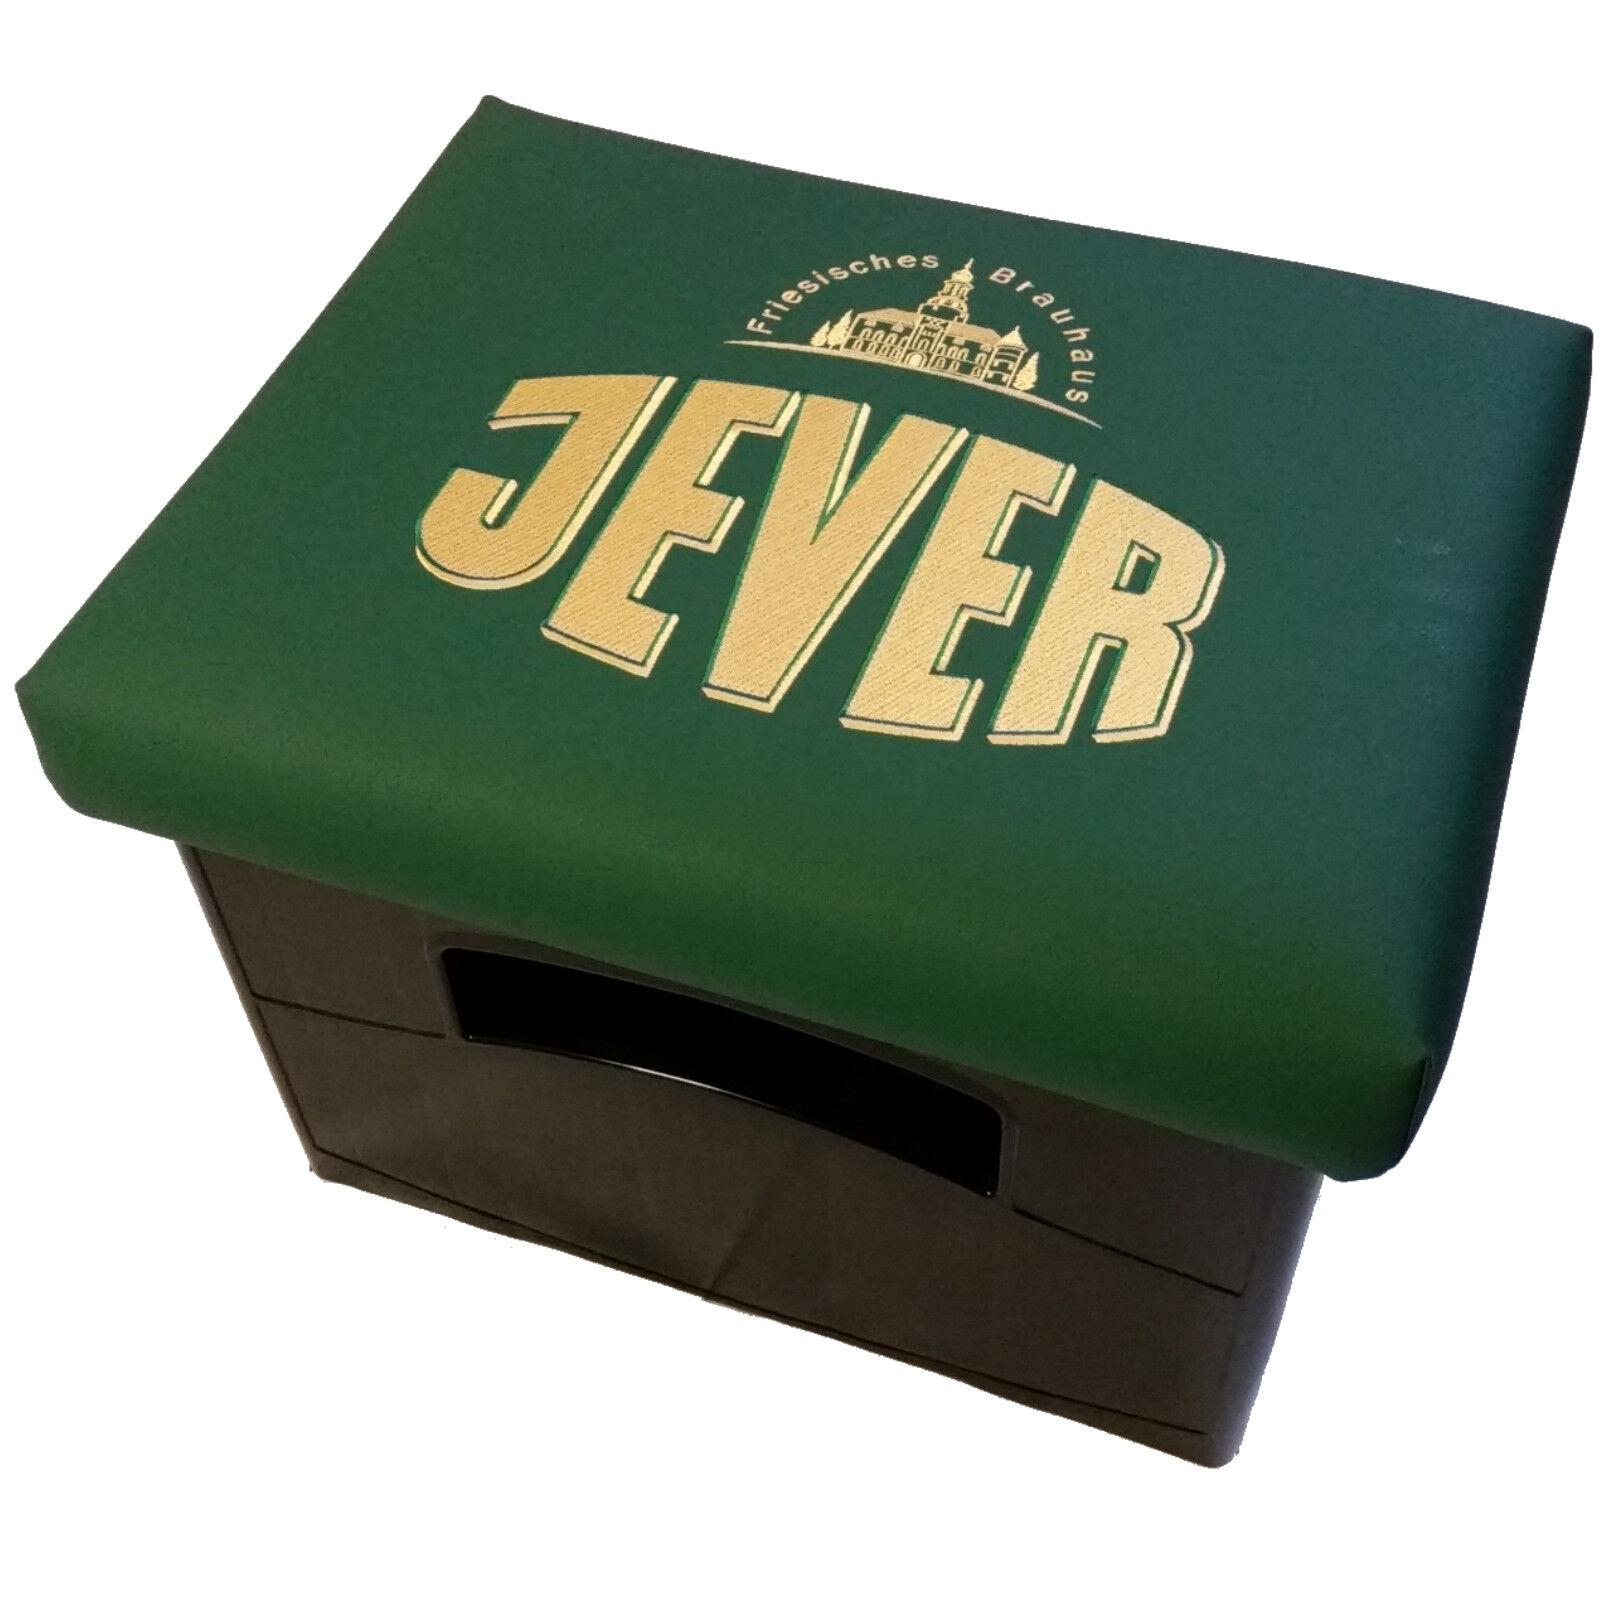 Bierkistensitzkissen Biermarken-Original JEVER Logo auf grünem Kunstleder- Leder